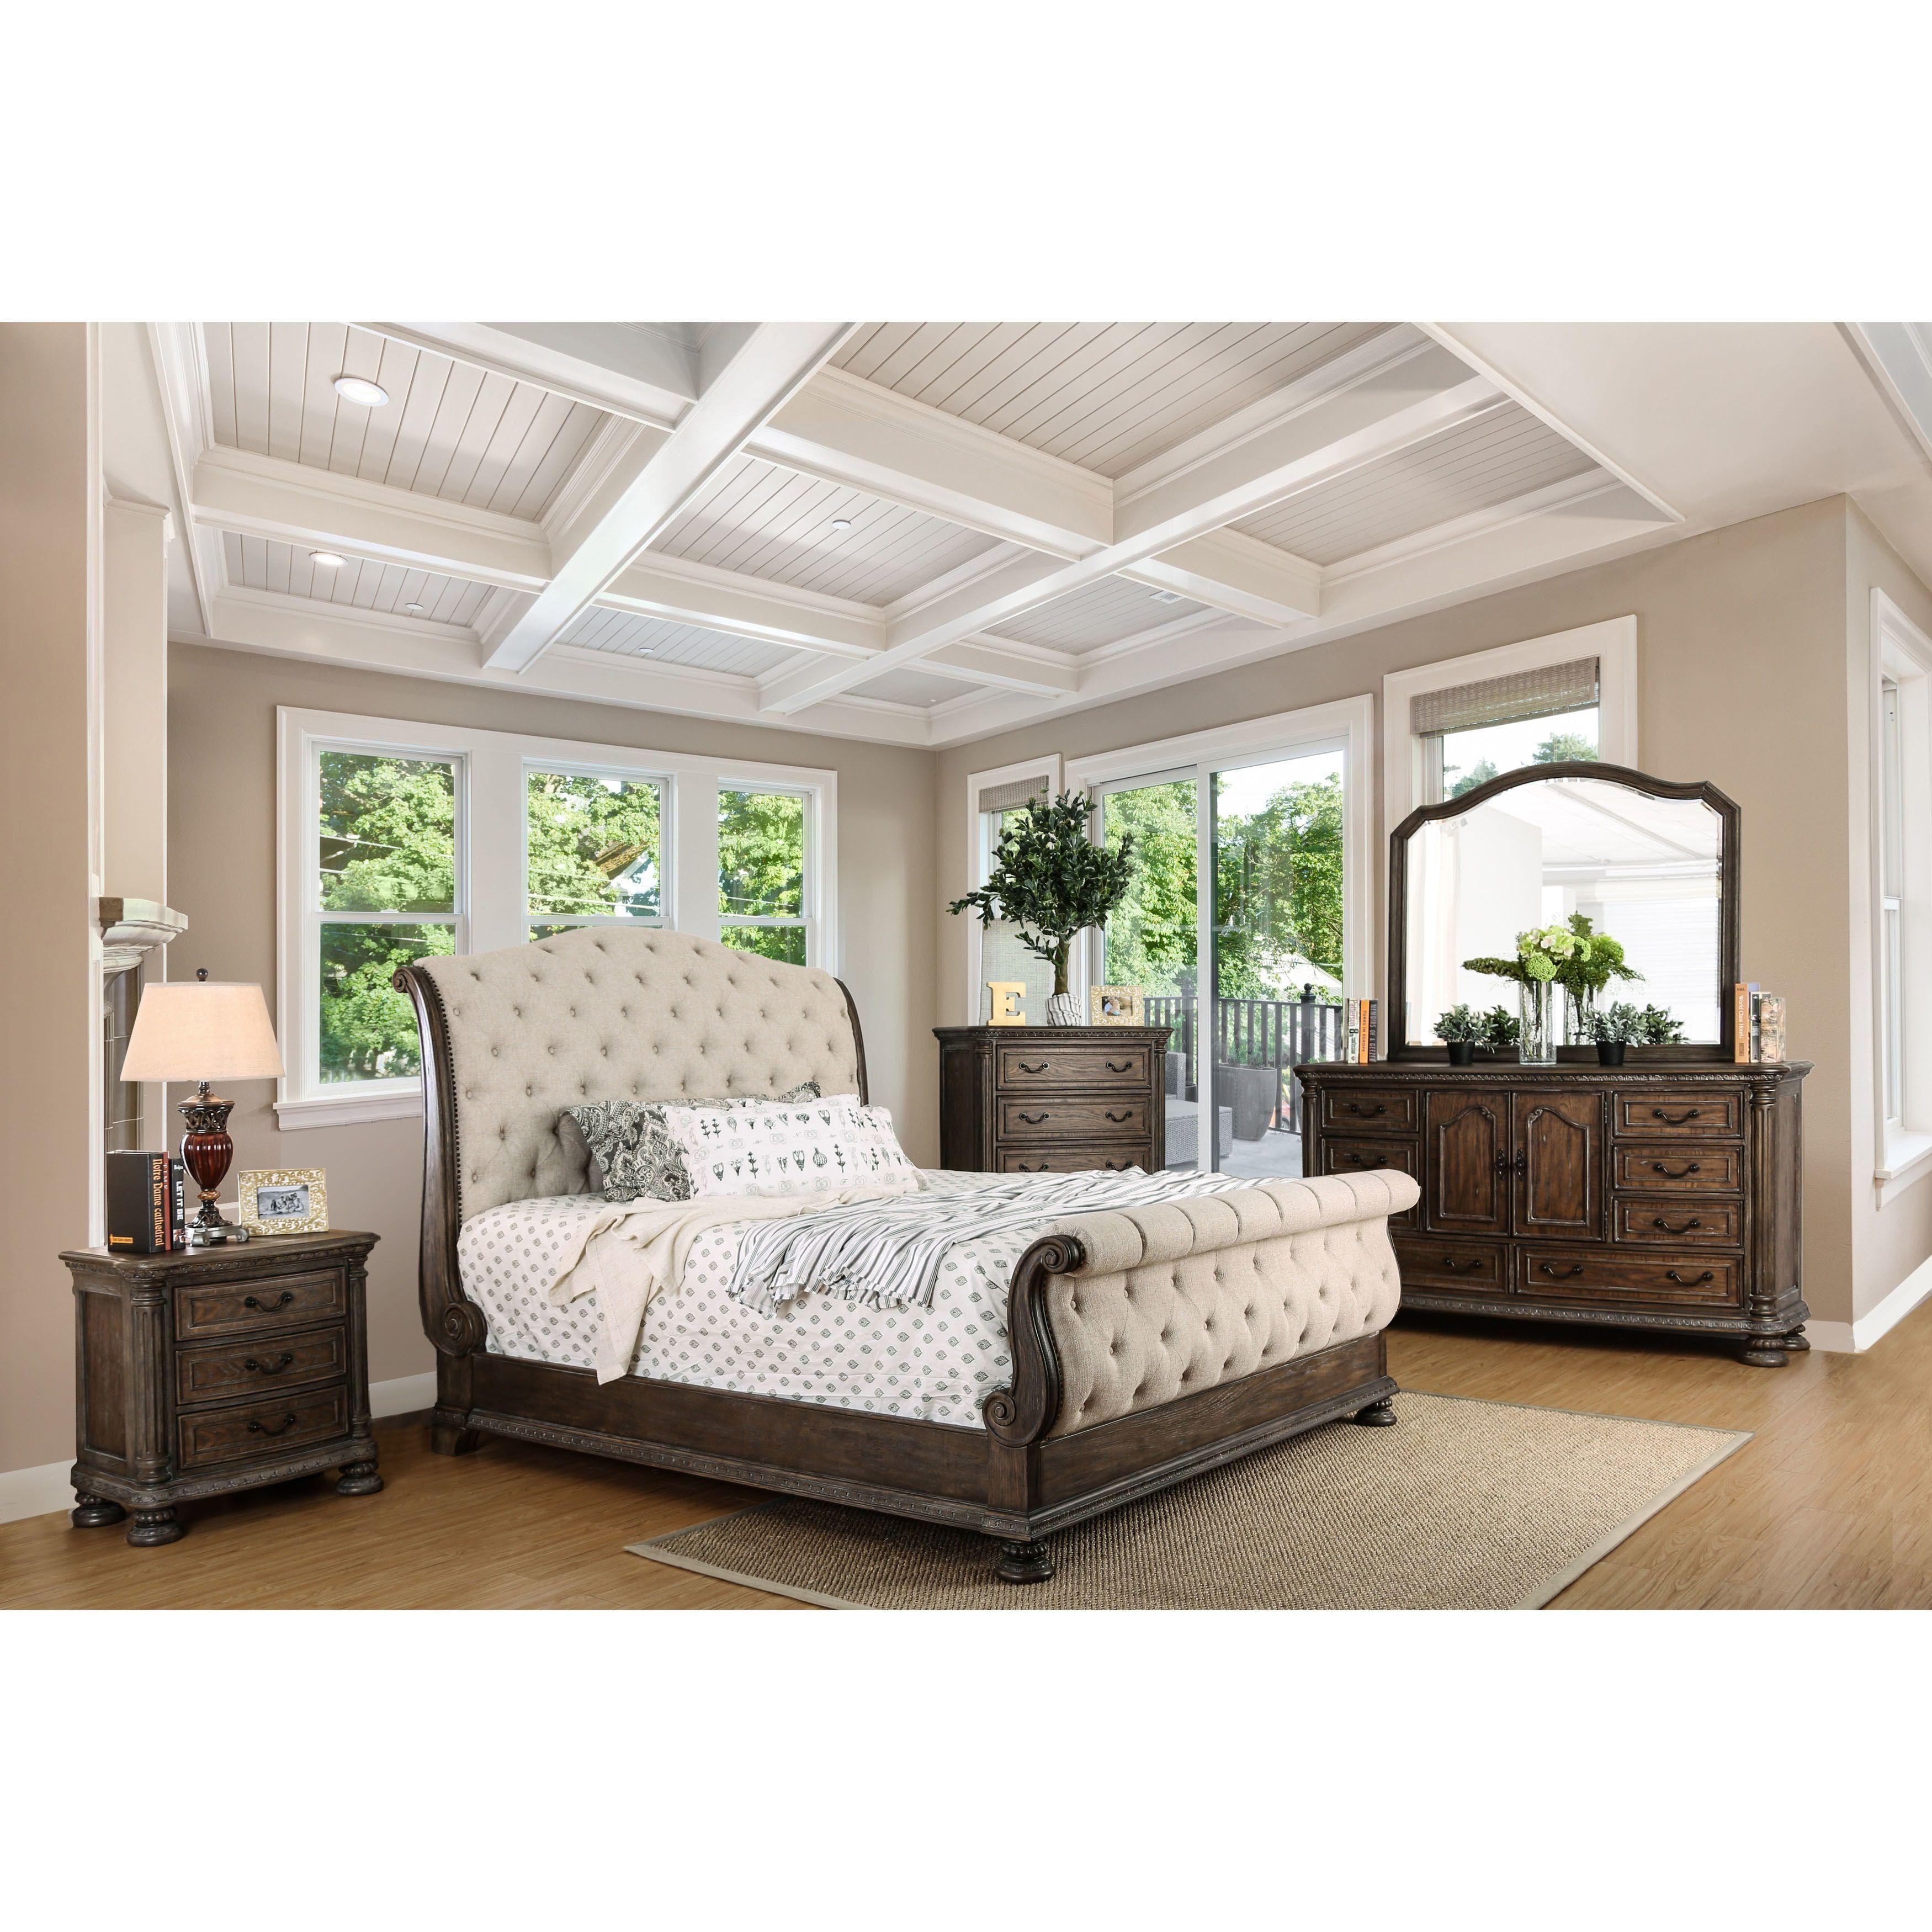 Furniture of America Brigette III Traditional 4-piece Ornate Rustic ...